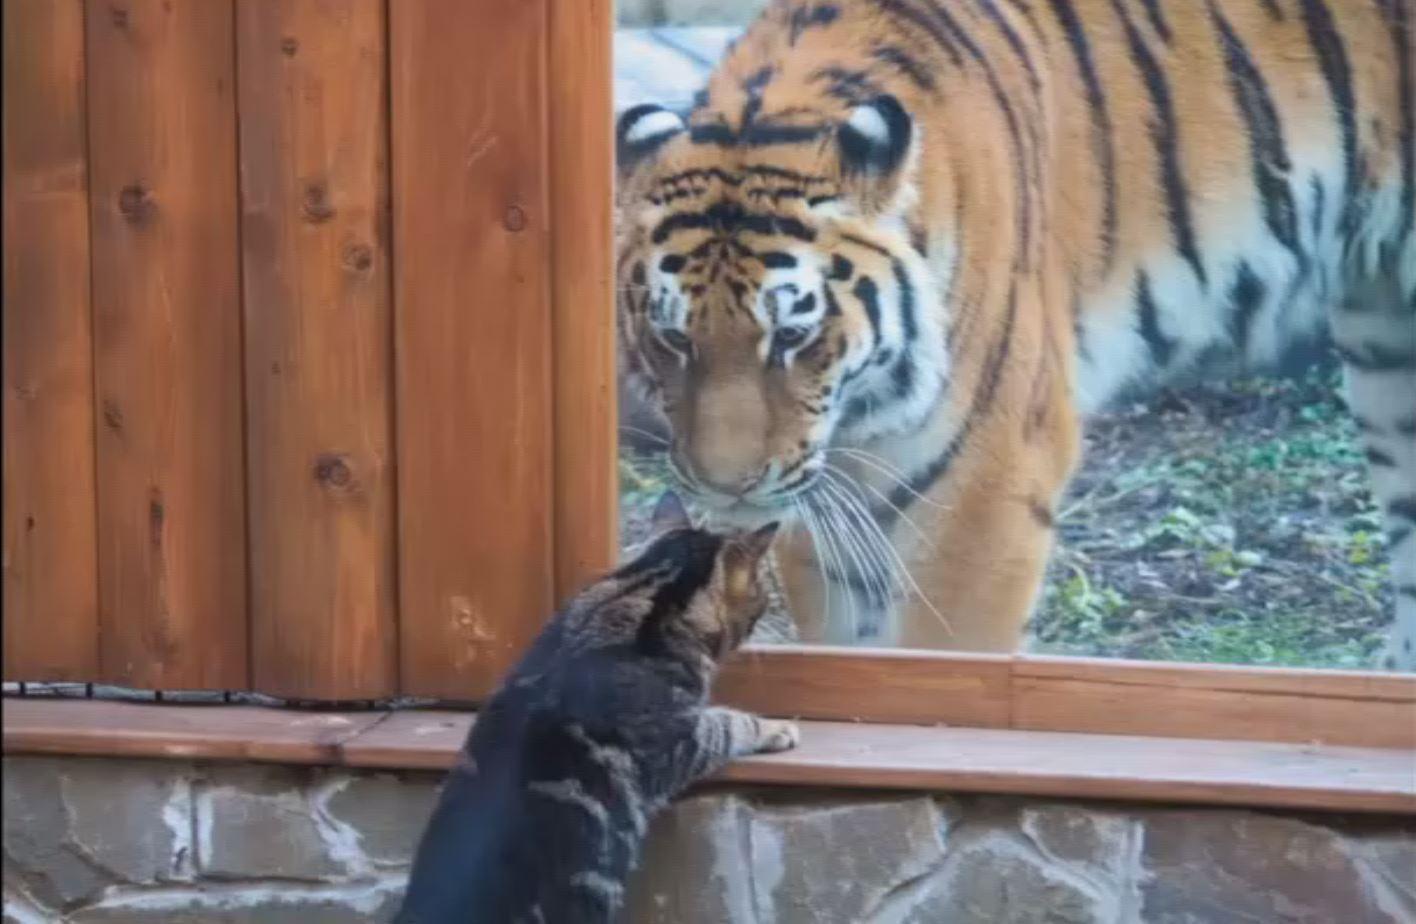 نمرة وقطة.. لا شيء يقف بوجه الصداقة!